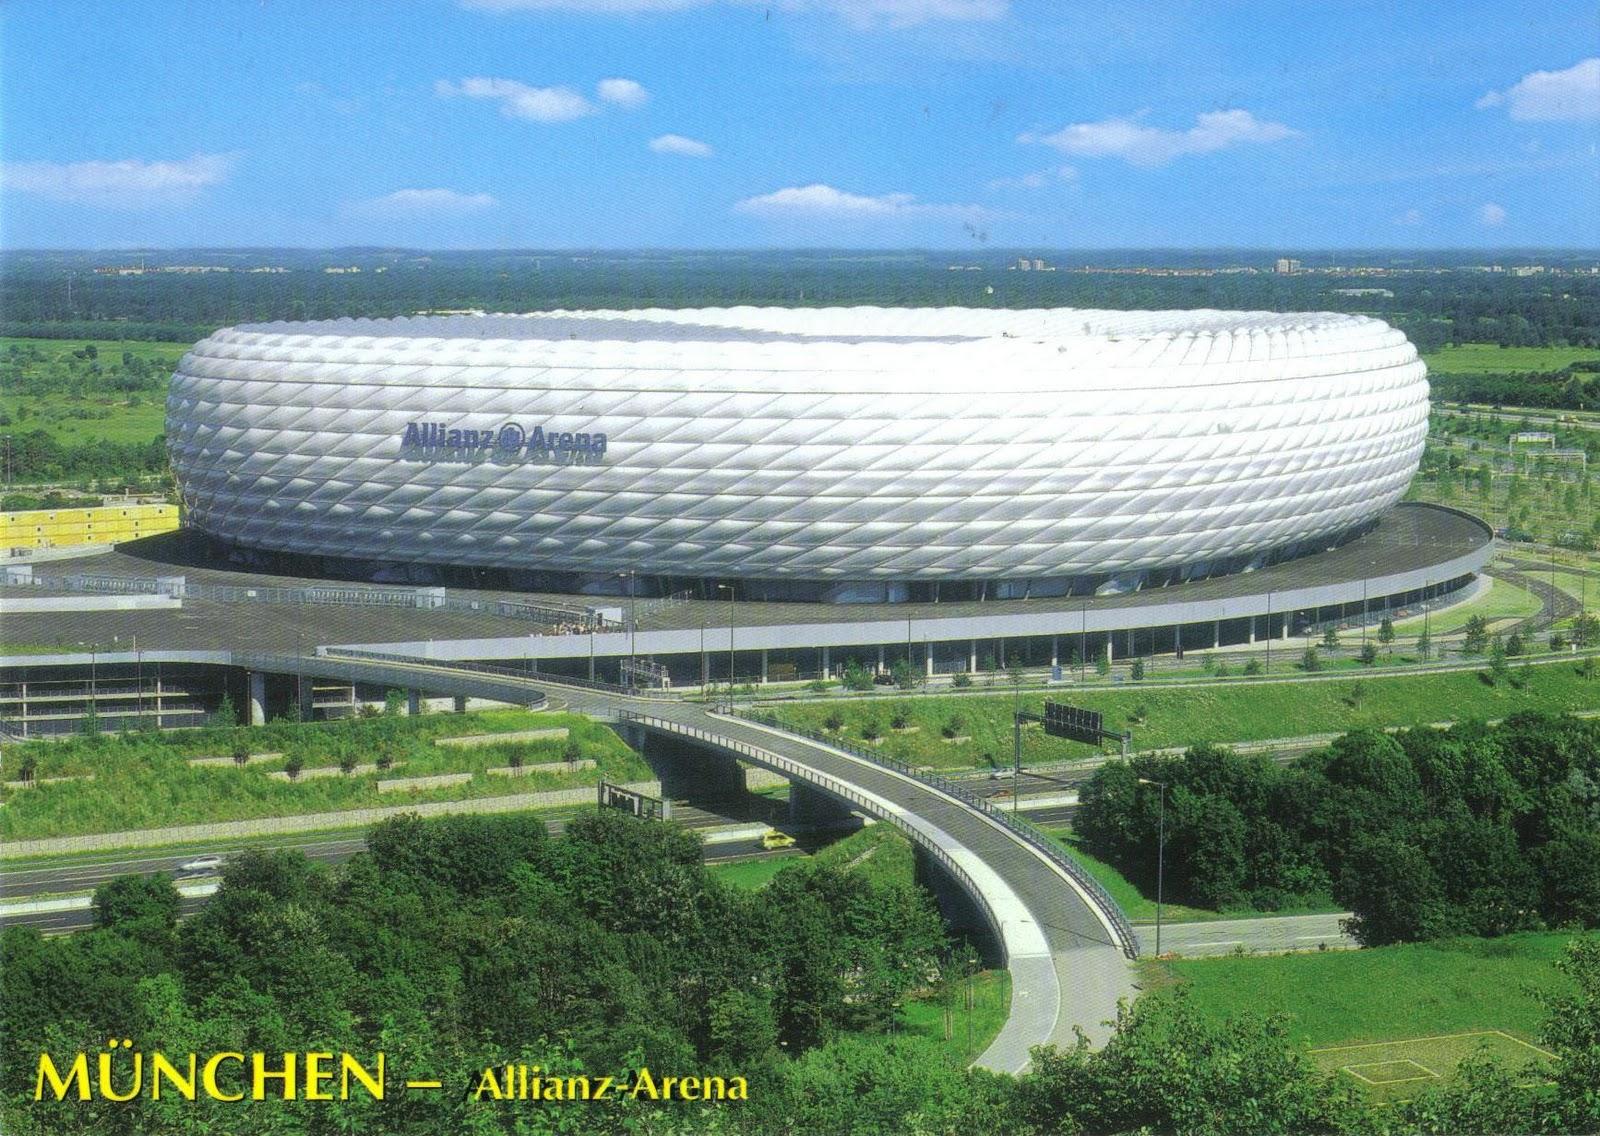 http://2.bp.blogspot.com/-Kfih8l4VYpg/TuPuG3nF2NI/AAAAAAAABGI/7eT7etcaJmU/s1600/Germany_Hanna_Munchen_Allianz_Arena.jpg